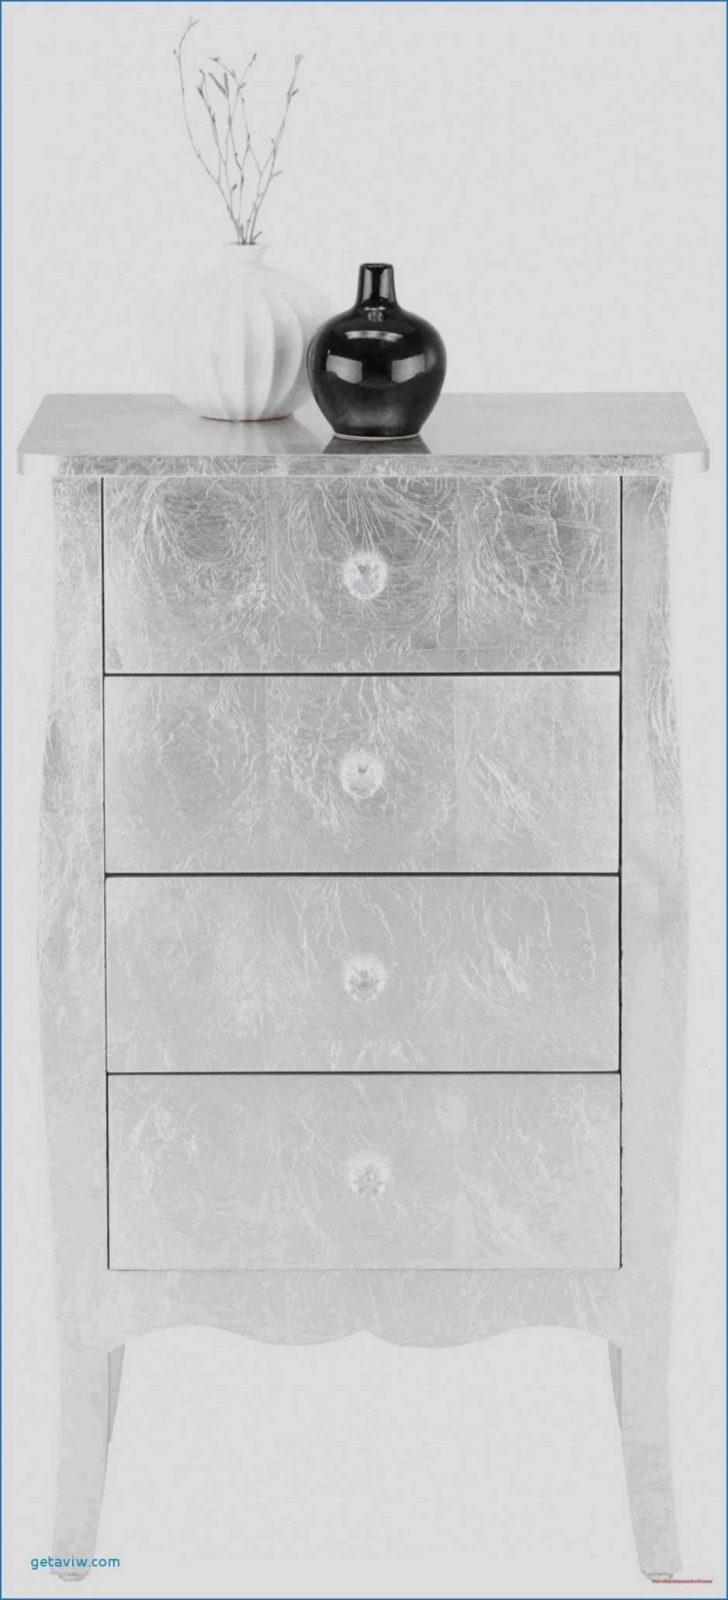 Medium Size of Schlafzimmer Kommode Weiß Wohnzimmer Wei Grau Luxus 38 Frisch Regal Hochglanz Bett 100x200 Badezimmer Hochschrank Weiße Küche Weißer Esstisch Set Günstig Schlafzimmer Schlafzimmer Kommode Weiß